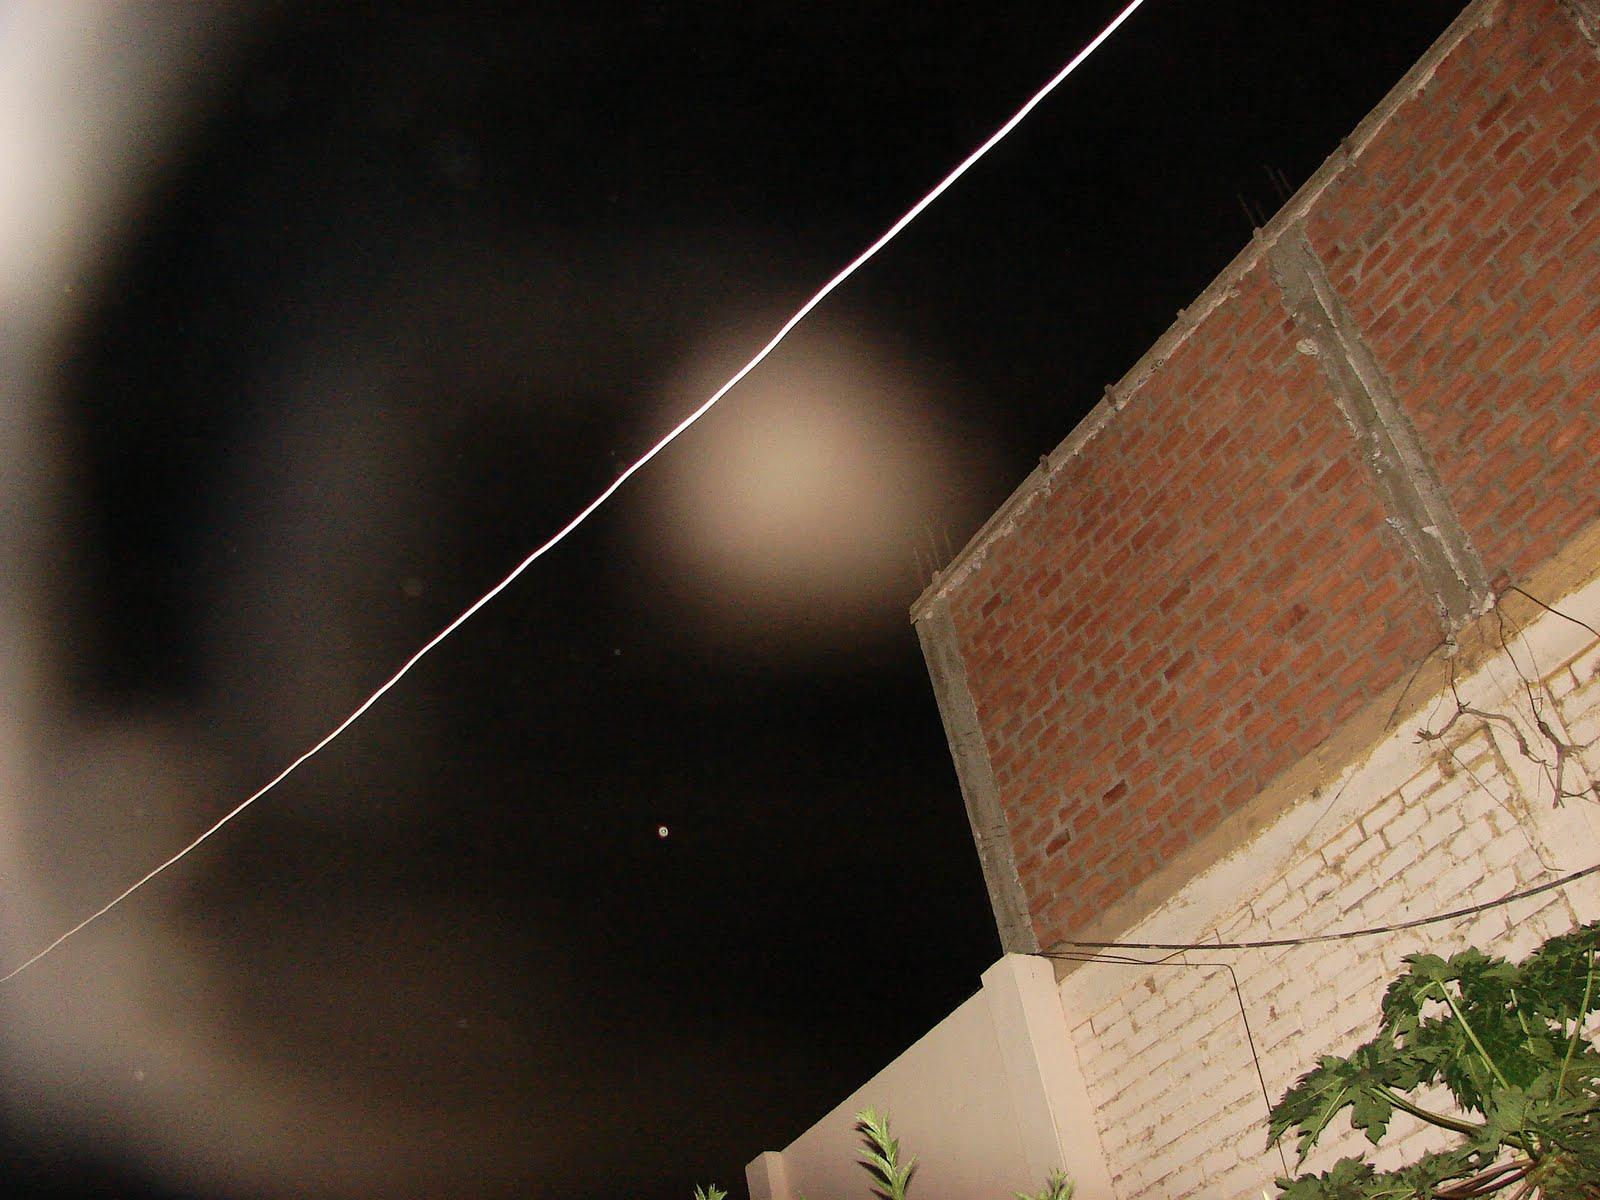 Atencion-24-enero-25-26-27-28-29-30...2012 siguen los avistamientos ovni casa Huacho-sec-ufo...